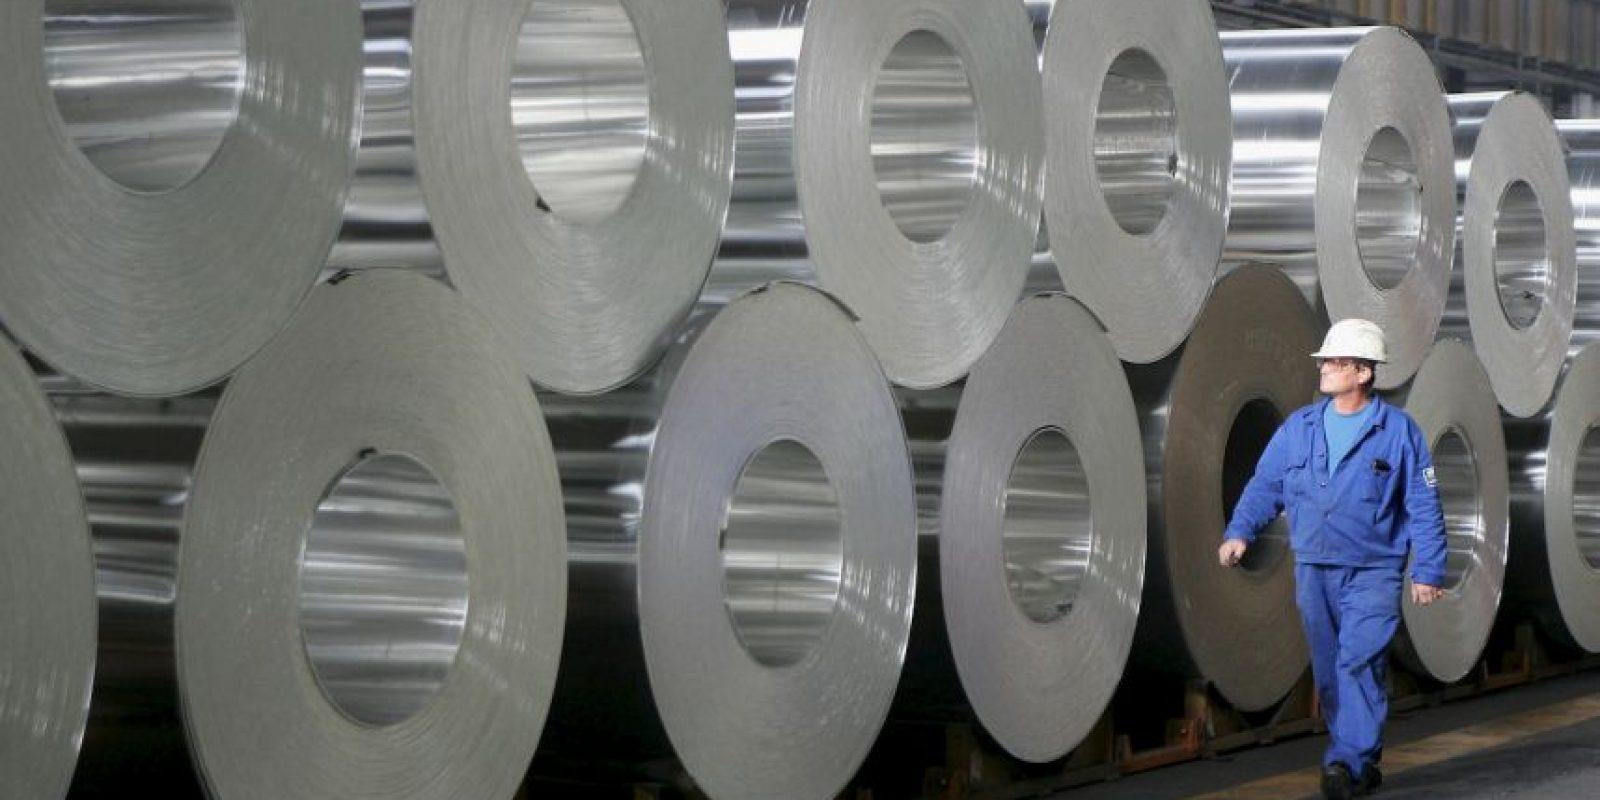 Las aleaciones de aluminio pueden subdividirse en dos grandes grupos, para forja y aleaciones para fundición, de acuerdo con el proceso de fabricación. Las aleaciones para forja -que es el caso de la Serie 7000– se clasifican de acuerdo con los elementos que contengan en aleación. Foto:Getty Images